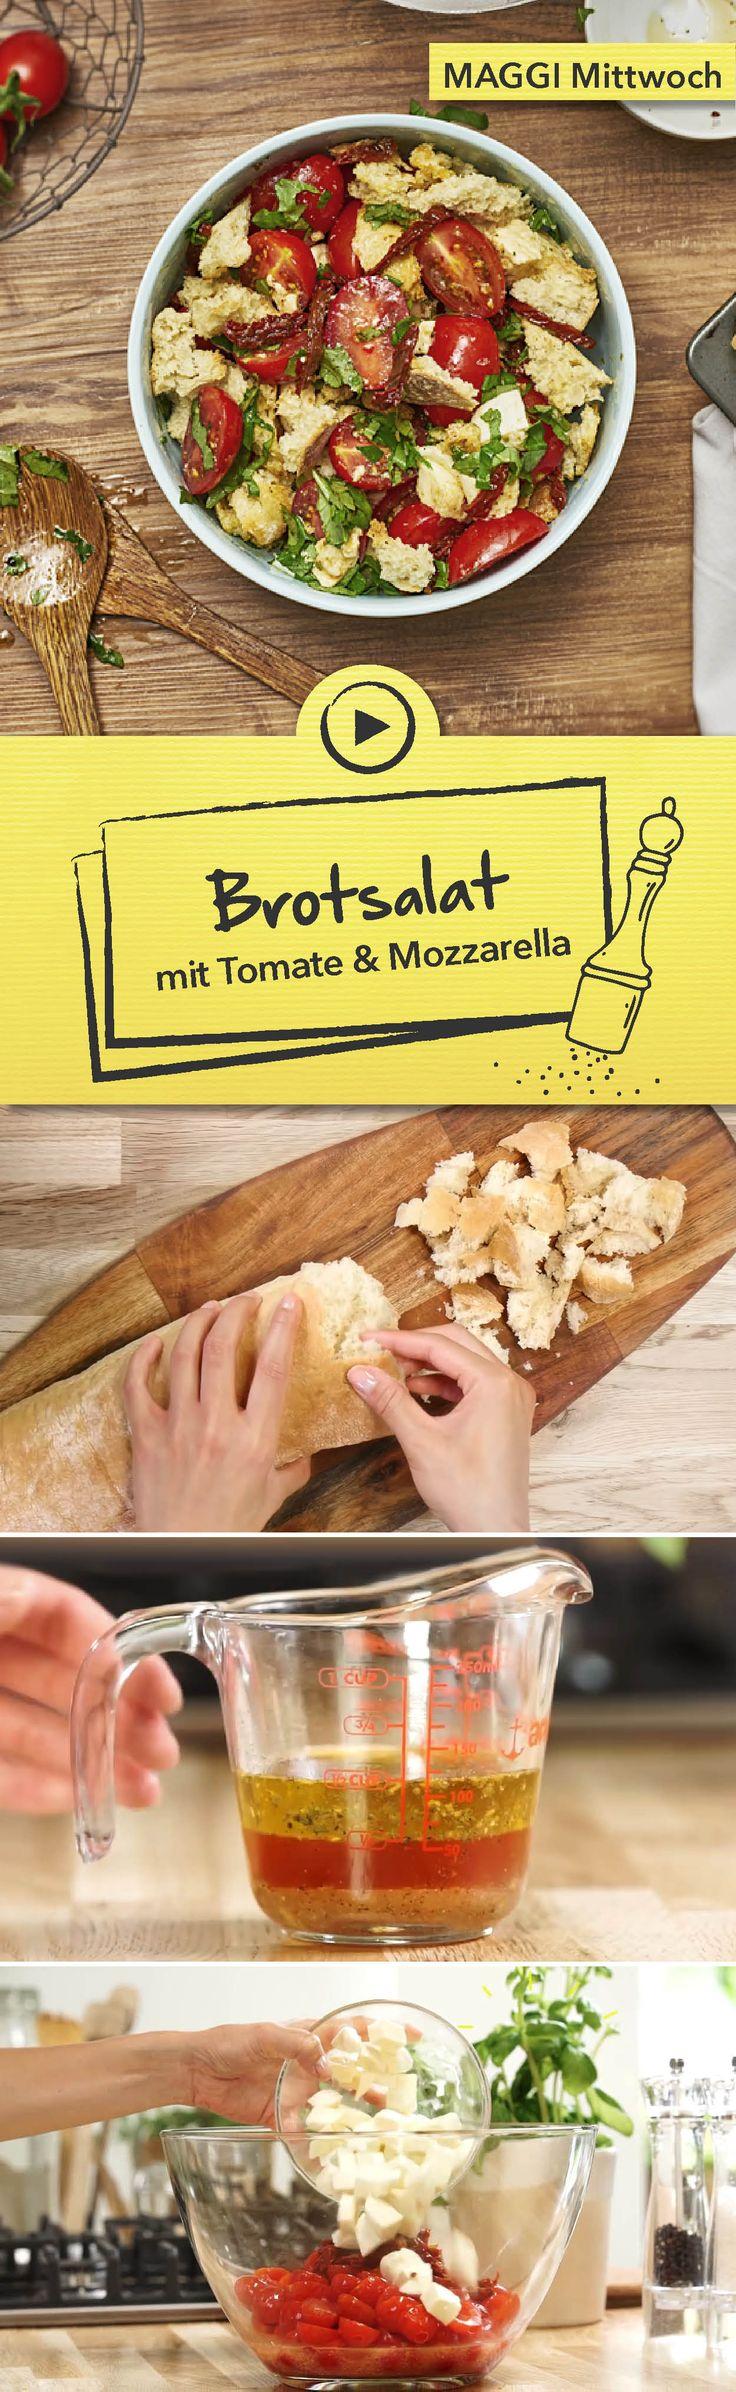 Unser Brotsalat mit Tomaten und Mozzarella bringt Abwechslung in deine Salat-Rezepte! Die Mischung aus frischen und getrockneten Tomaten, knusprig gebackenem Ciabatta und cremigem Käse sorgt für ein tolles Aroma. Und dazu sieht der Salat auch noch hübsch aus.